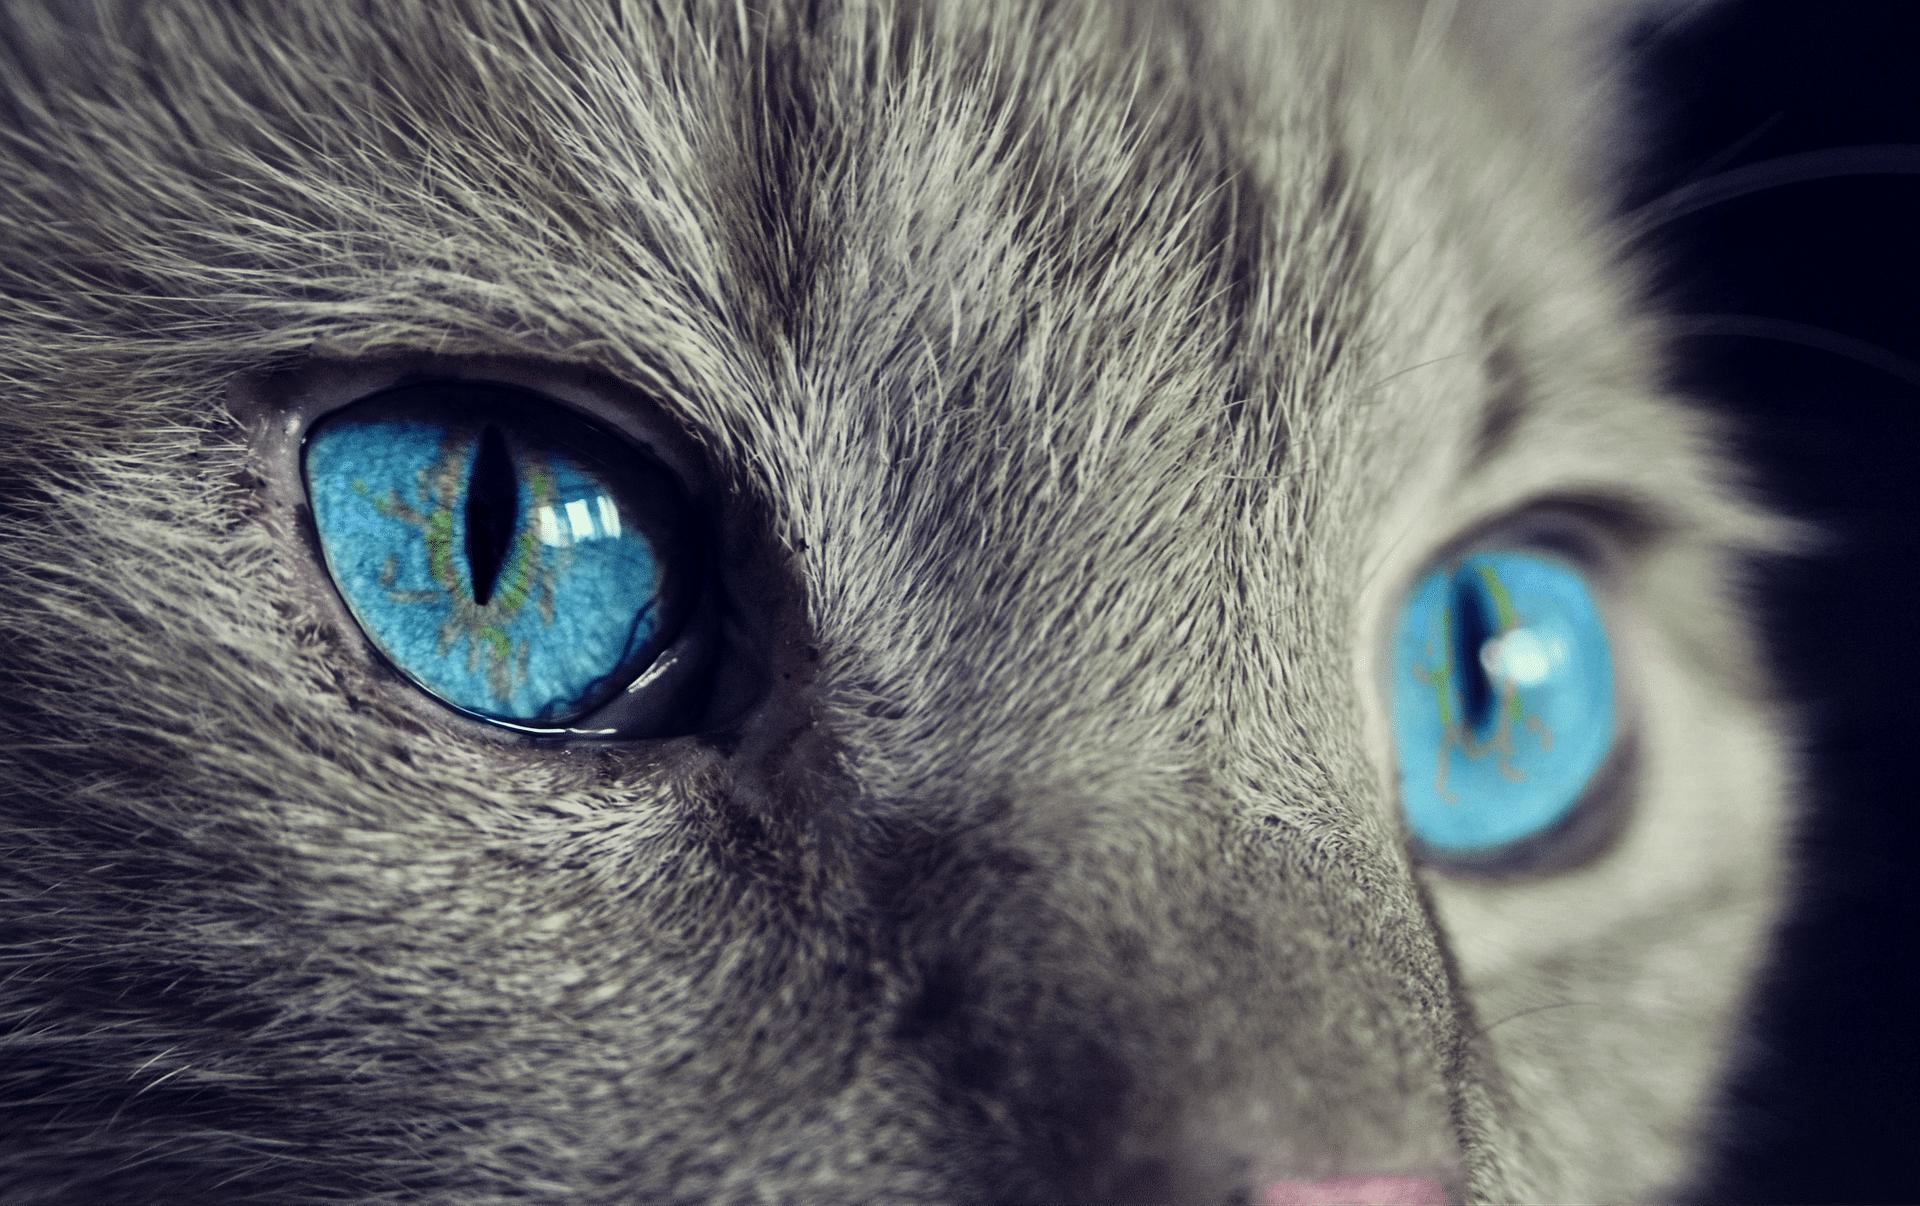 Los ojos del gato son muy expresivos